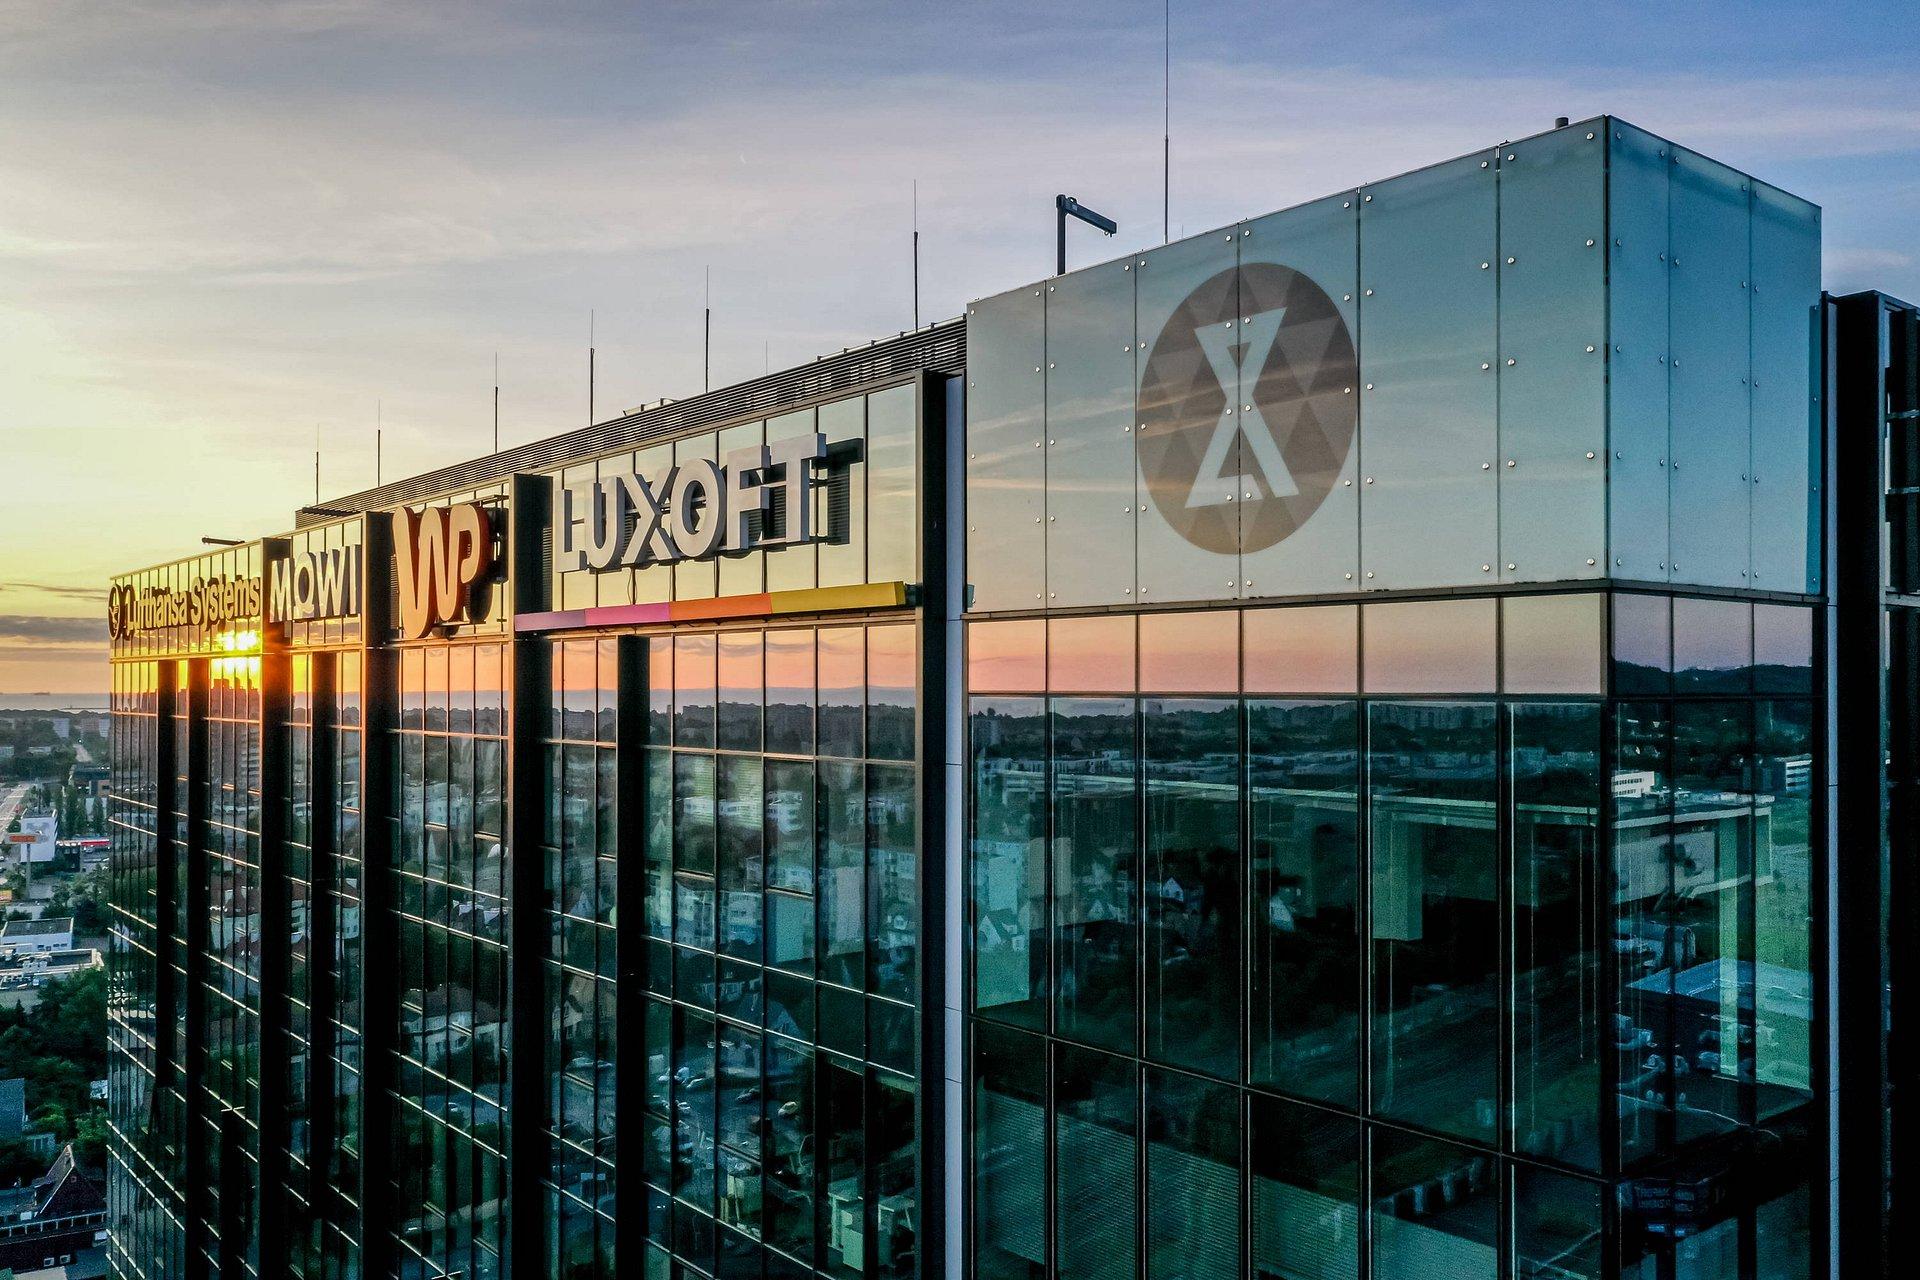 Odyssey rozwija się w Gdańsku